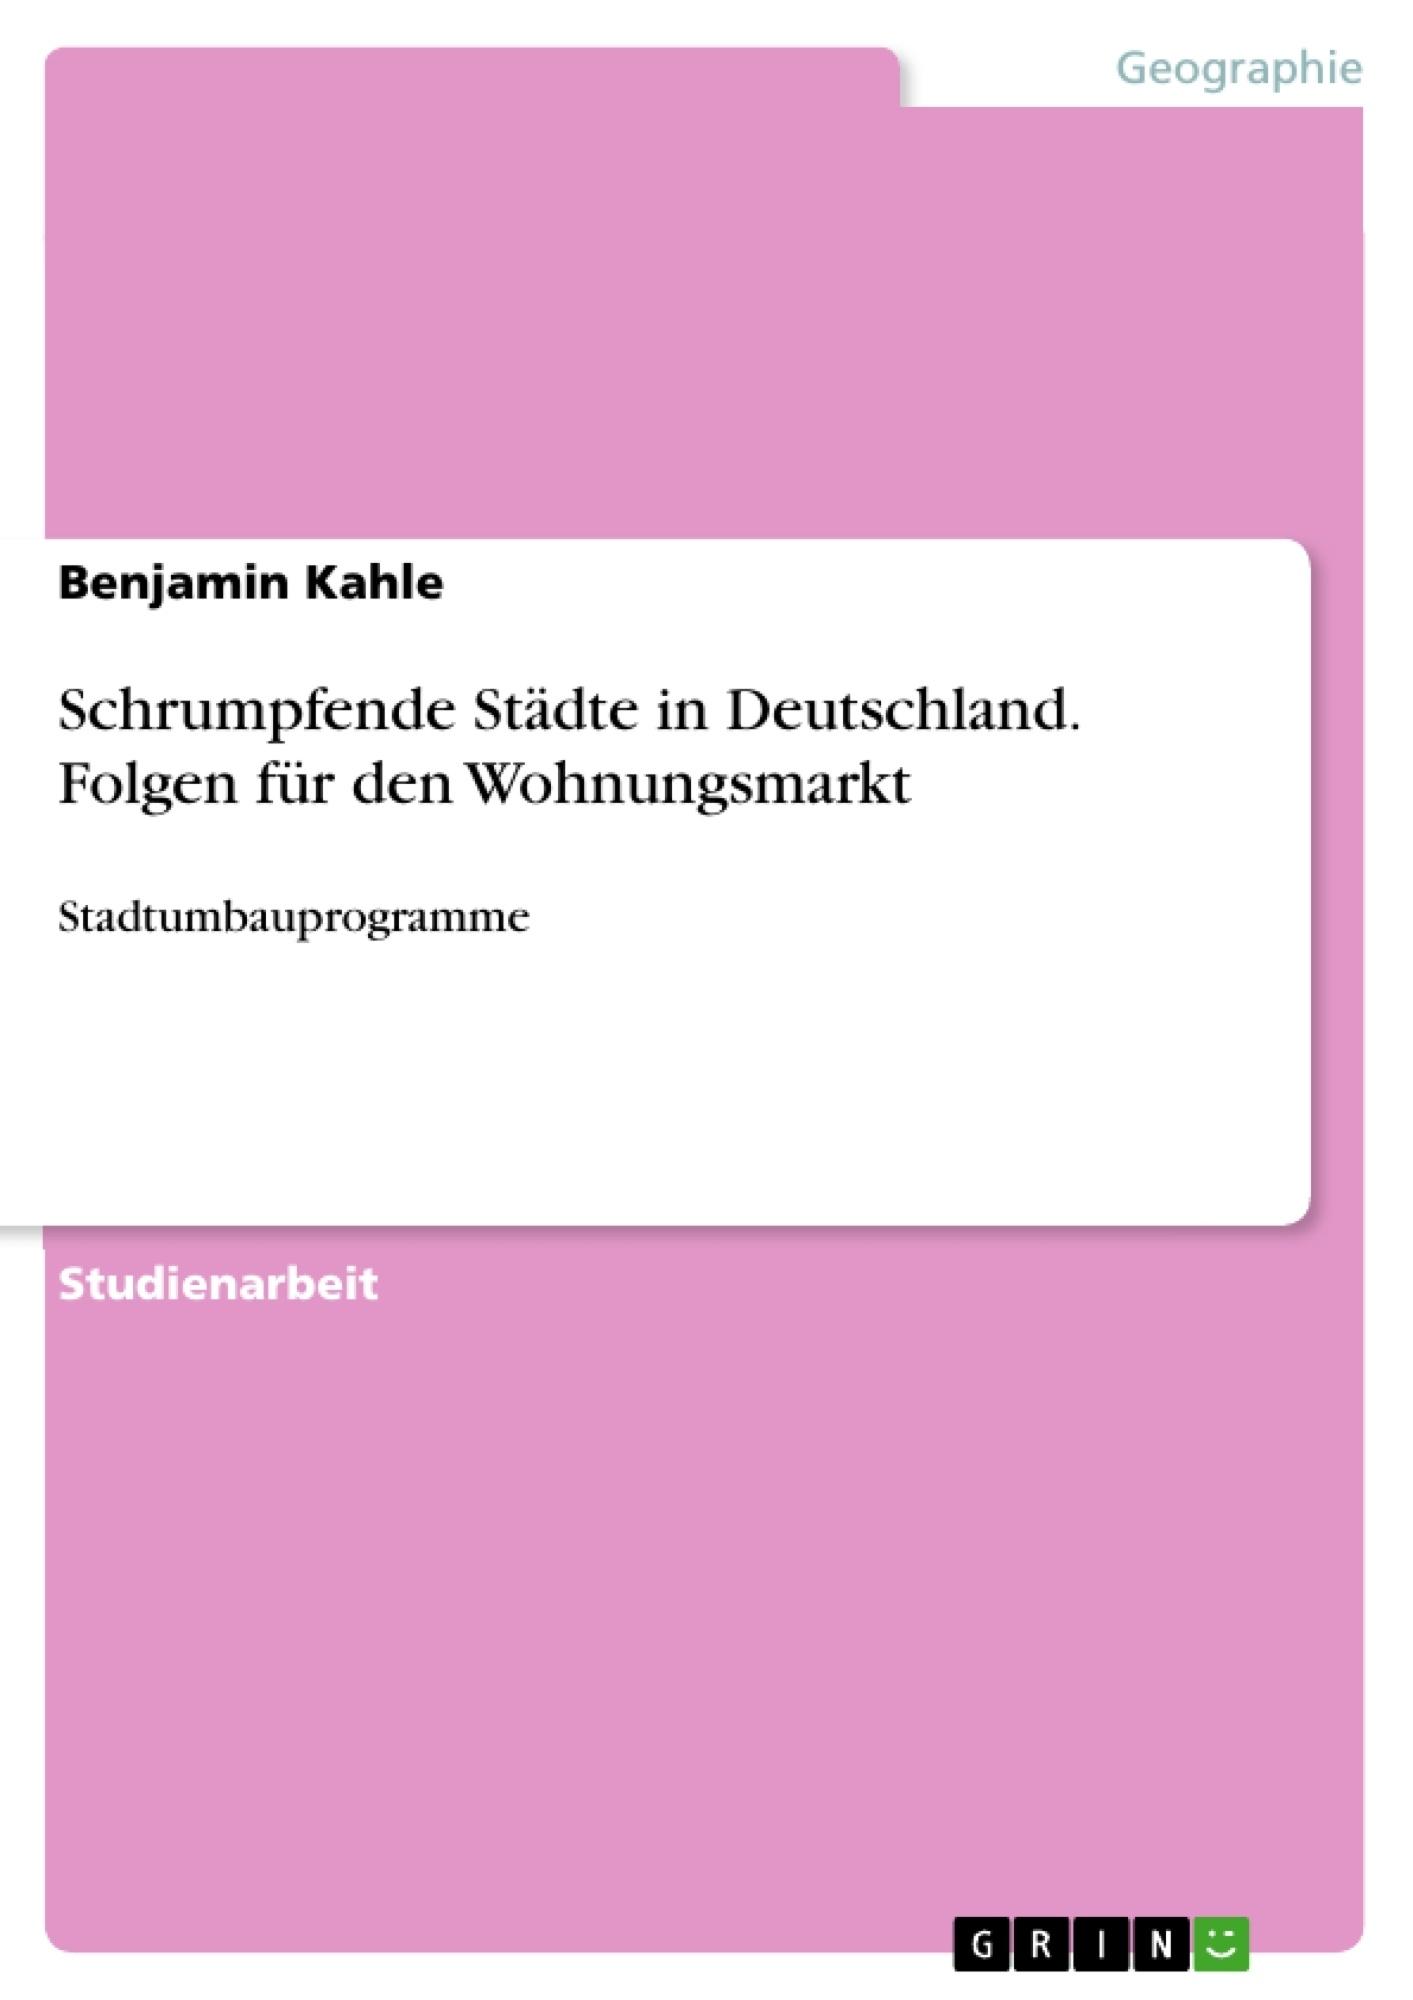 Titel: Schrumpfende Städte in Deutschland. Folgen für den Wohnungsmarkt